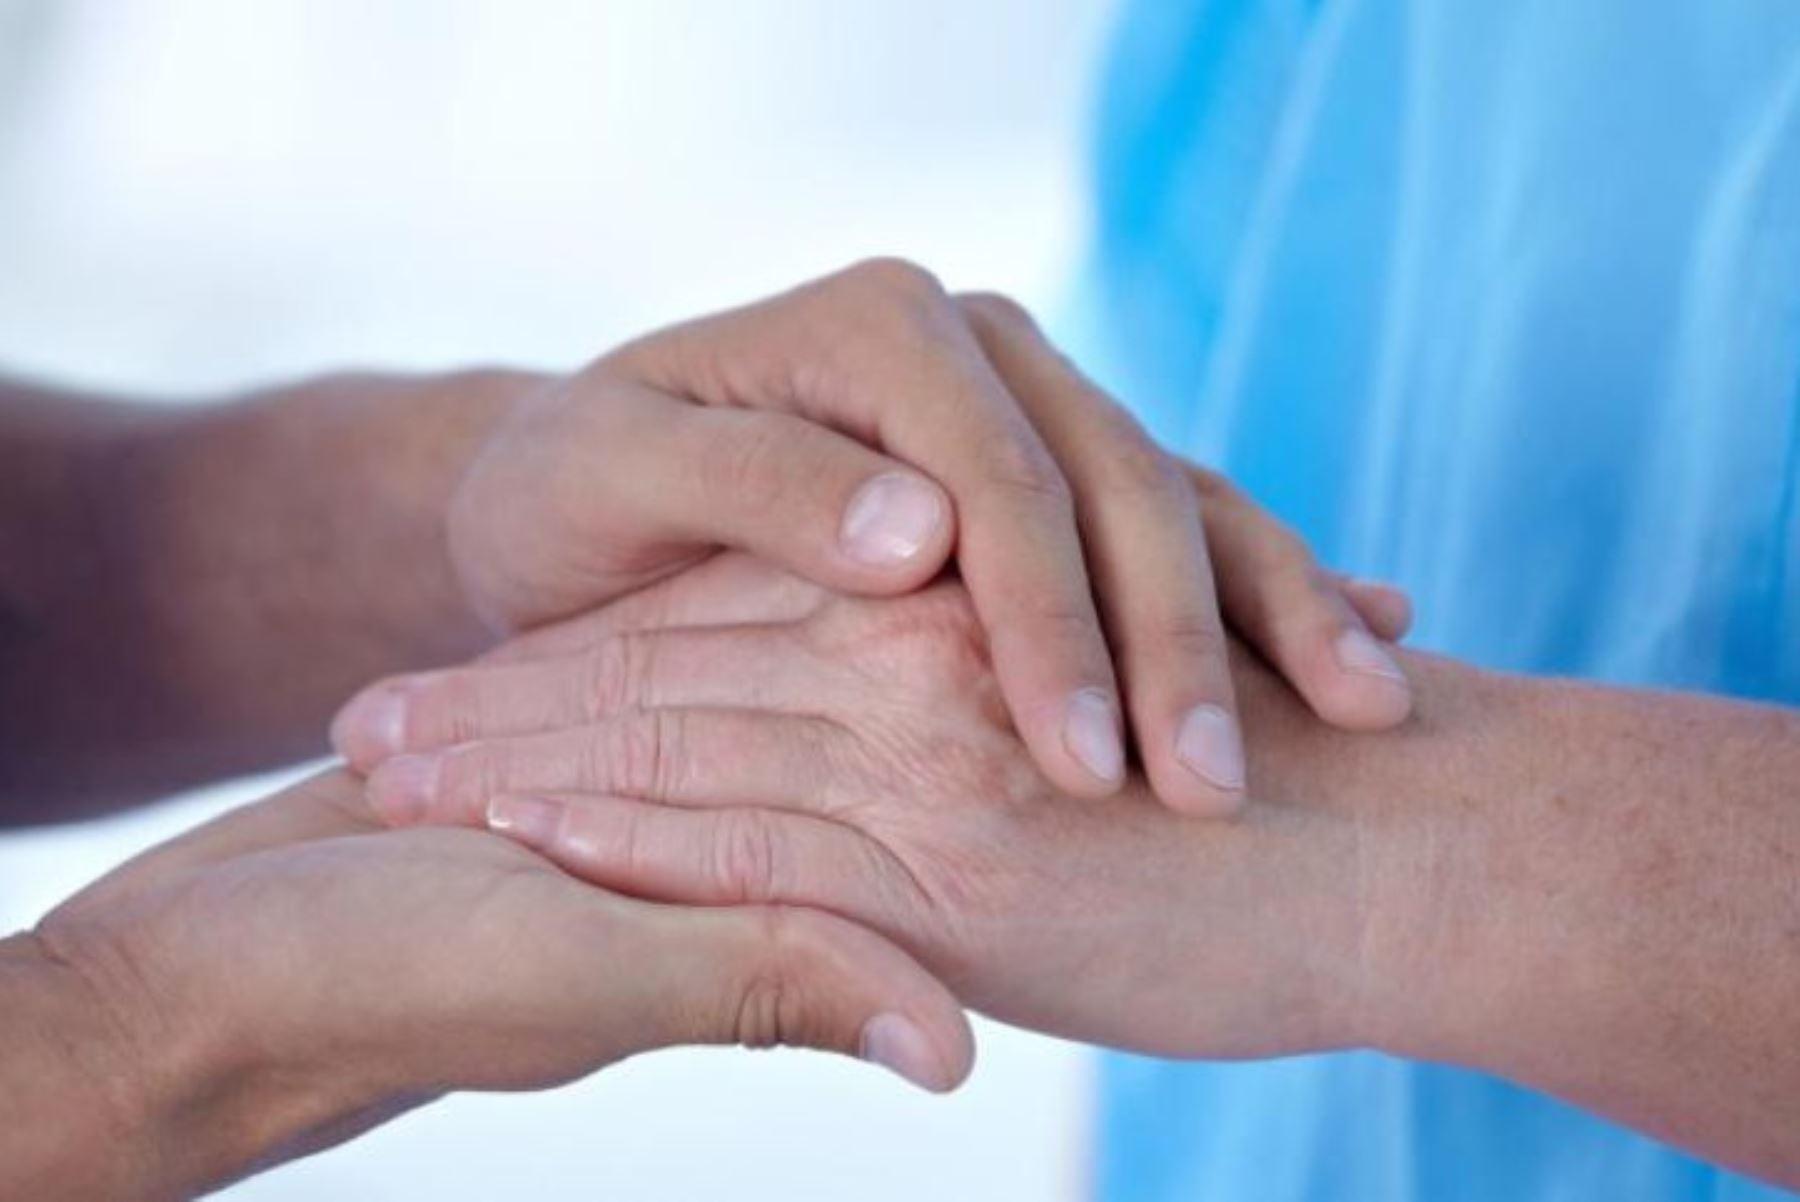 Nunca es tarde para curar los vínculos entre padres e hijos, incluso en medio de esta emergencia sanitaria. Foto: ANDINA/Archivo